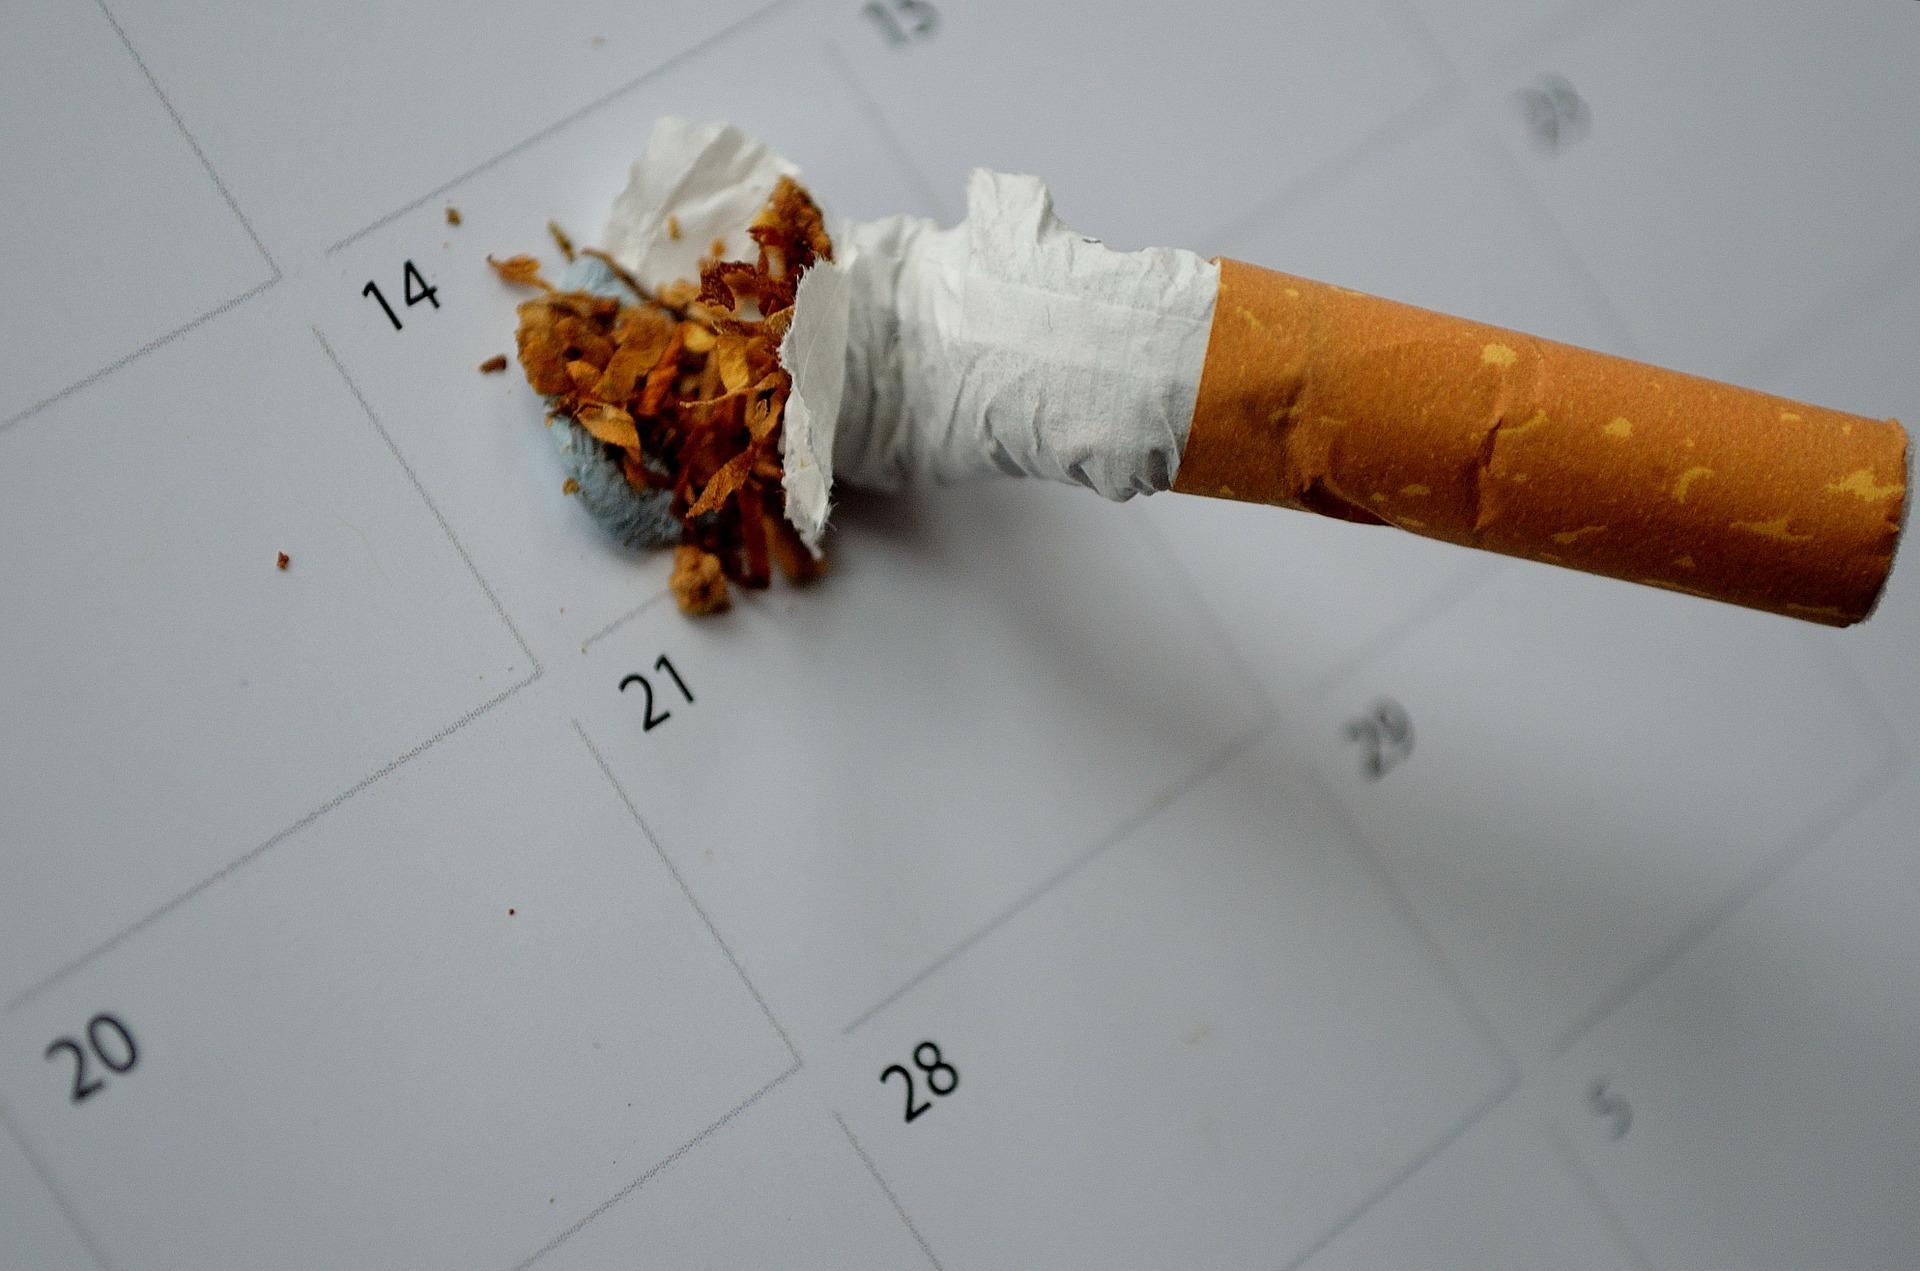 J'ai arrêté de fumer grâce à l'auriculothérapie : témoignage